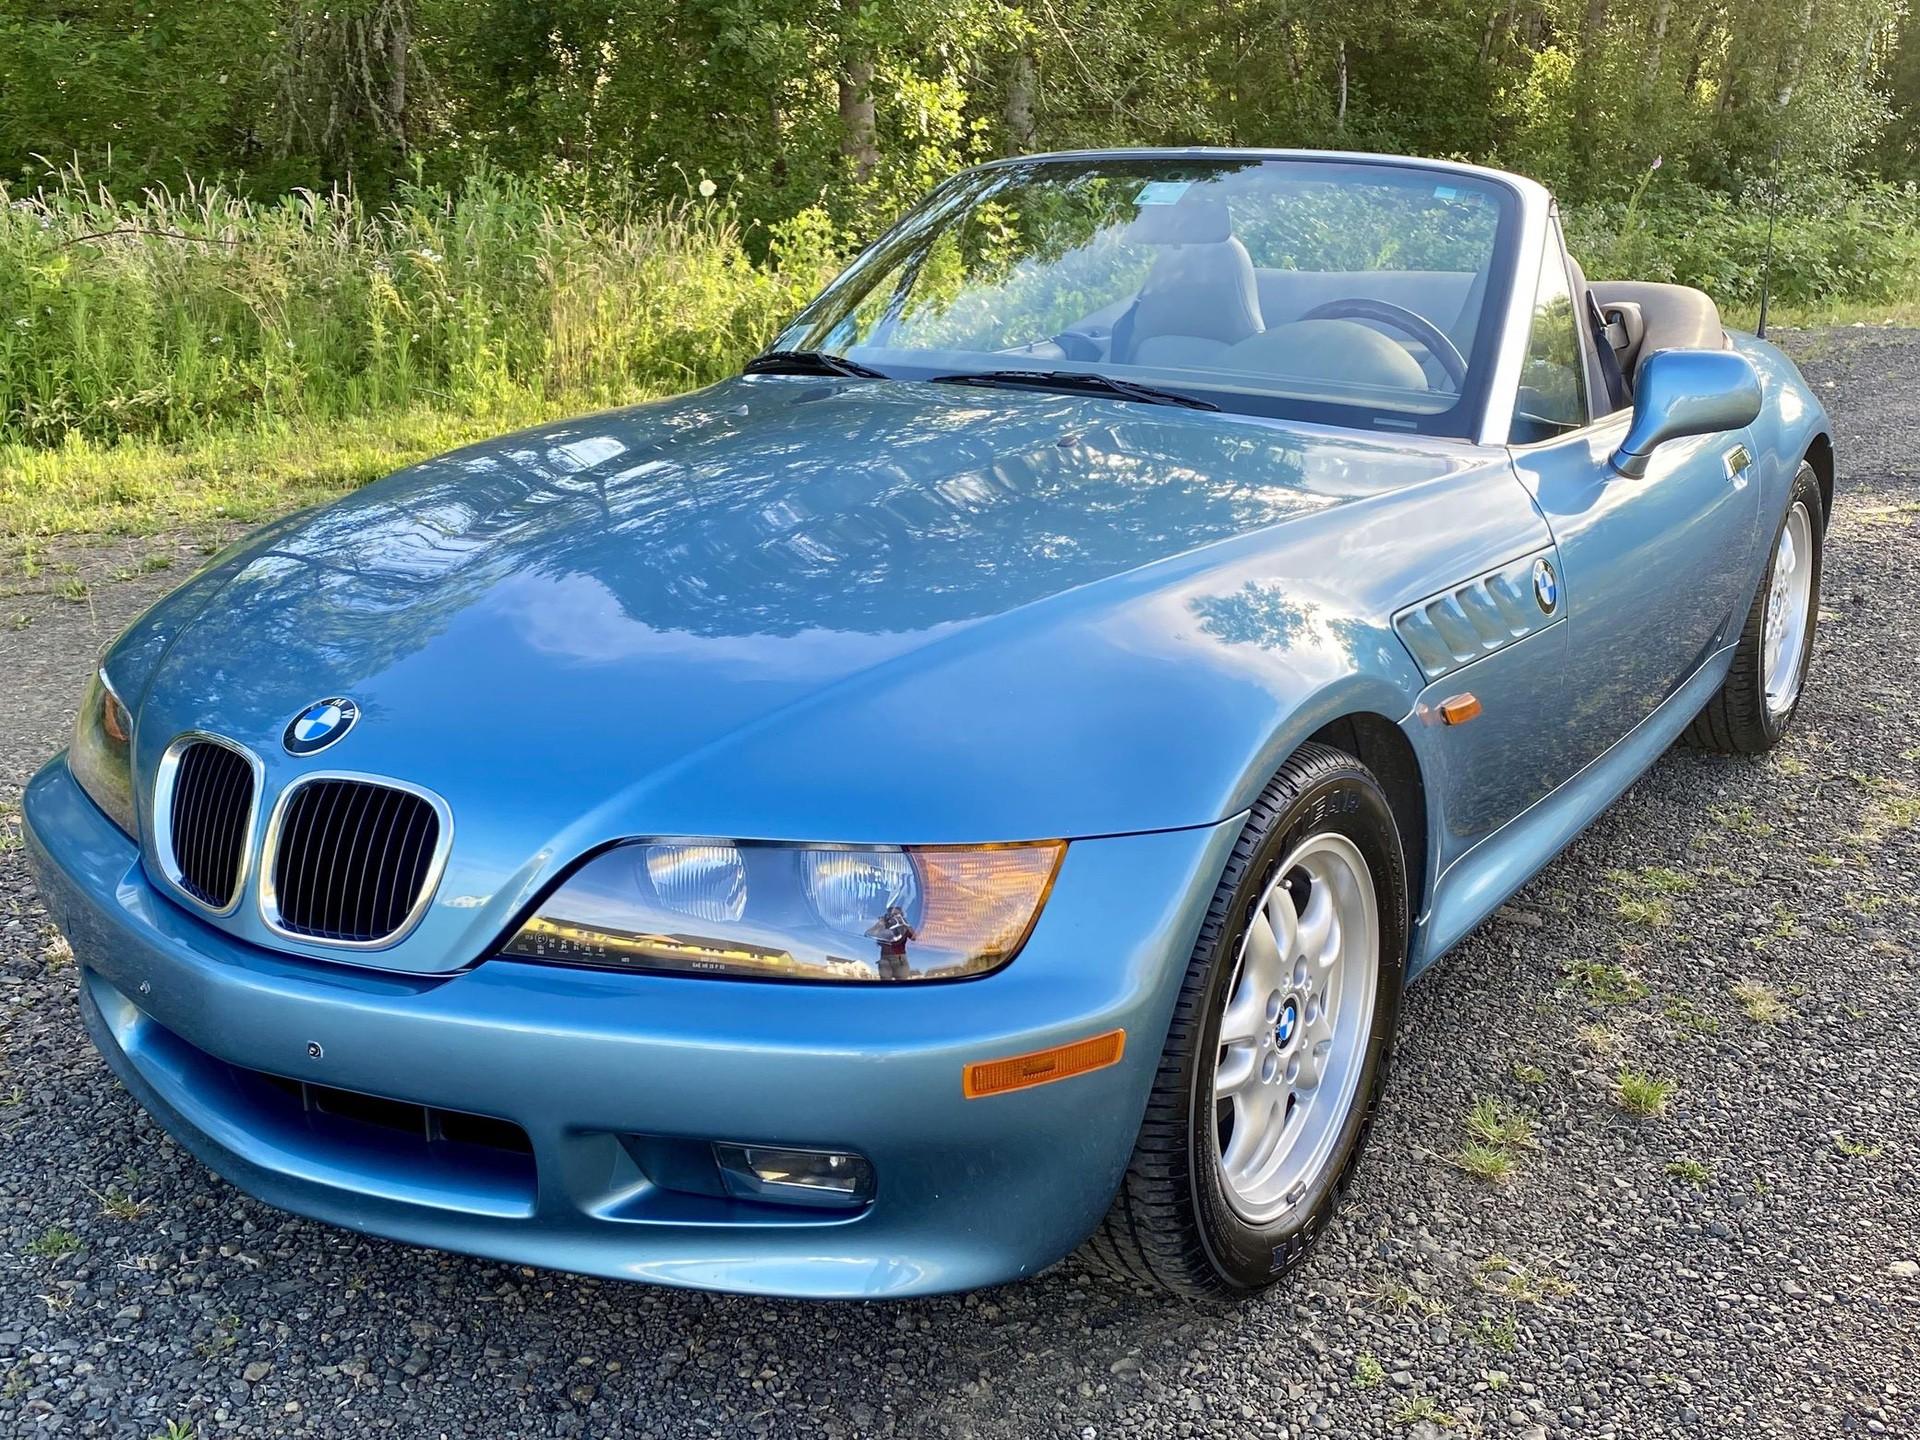 1996_BMW_Z3_James_Bond_Edition_sale-0006